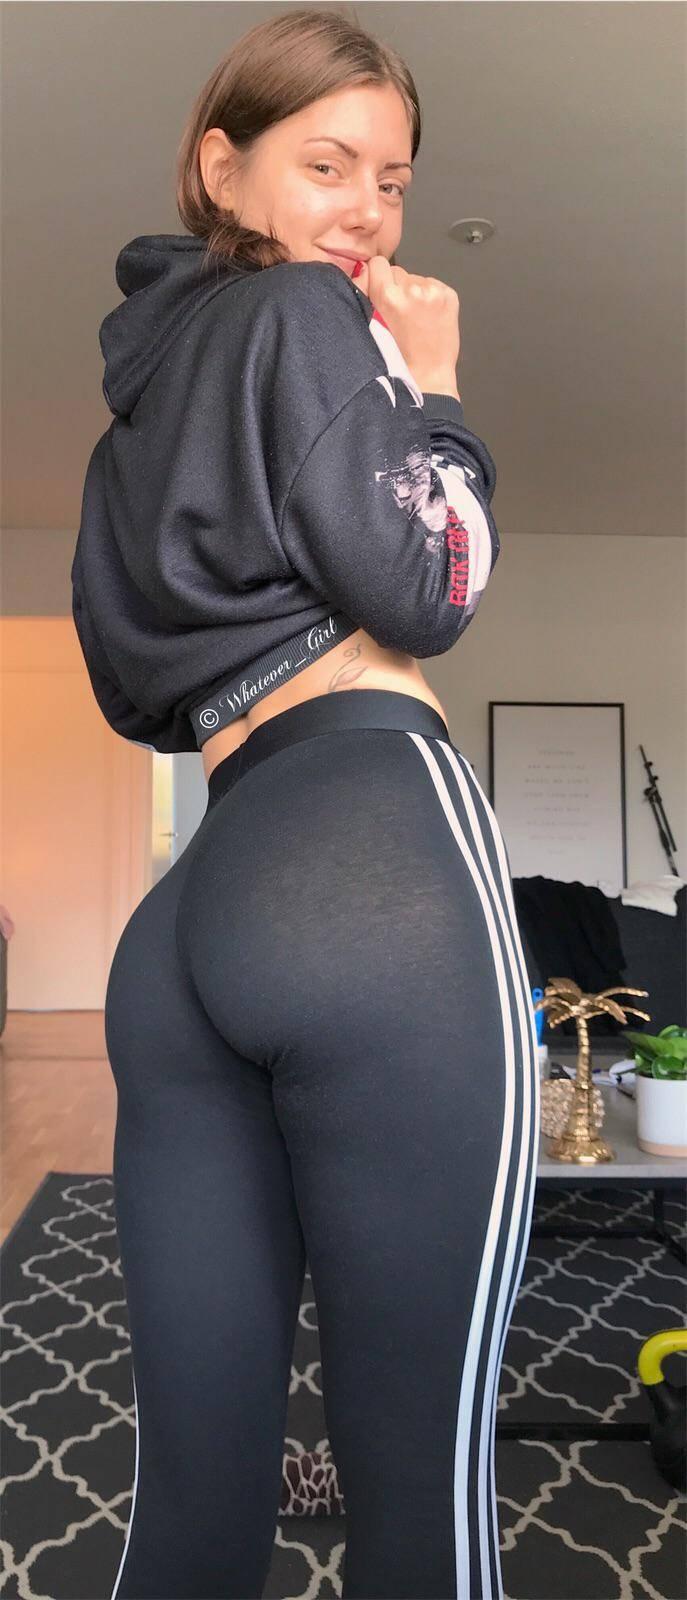 Girls In Leggings Reddit : girls, leggings, reddit, Leggingsgonewild, Pictures, Videos, Scrolller